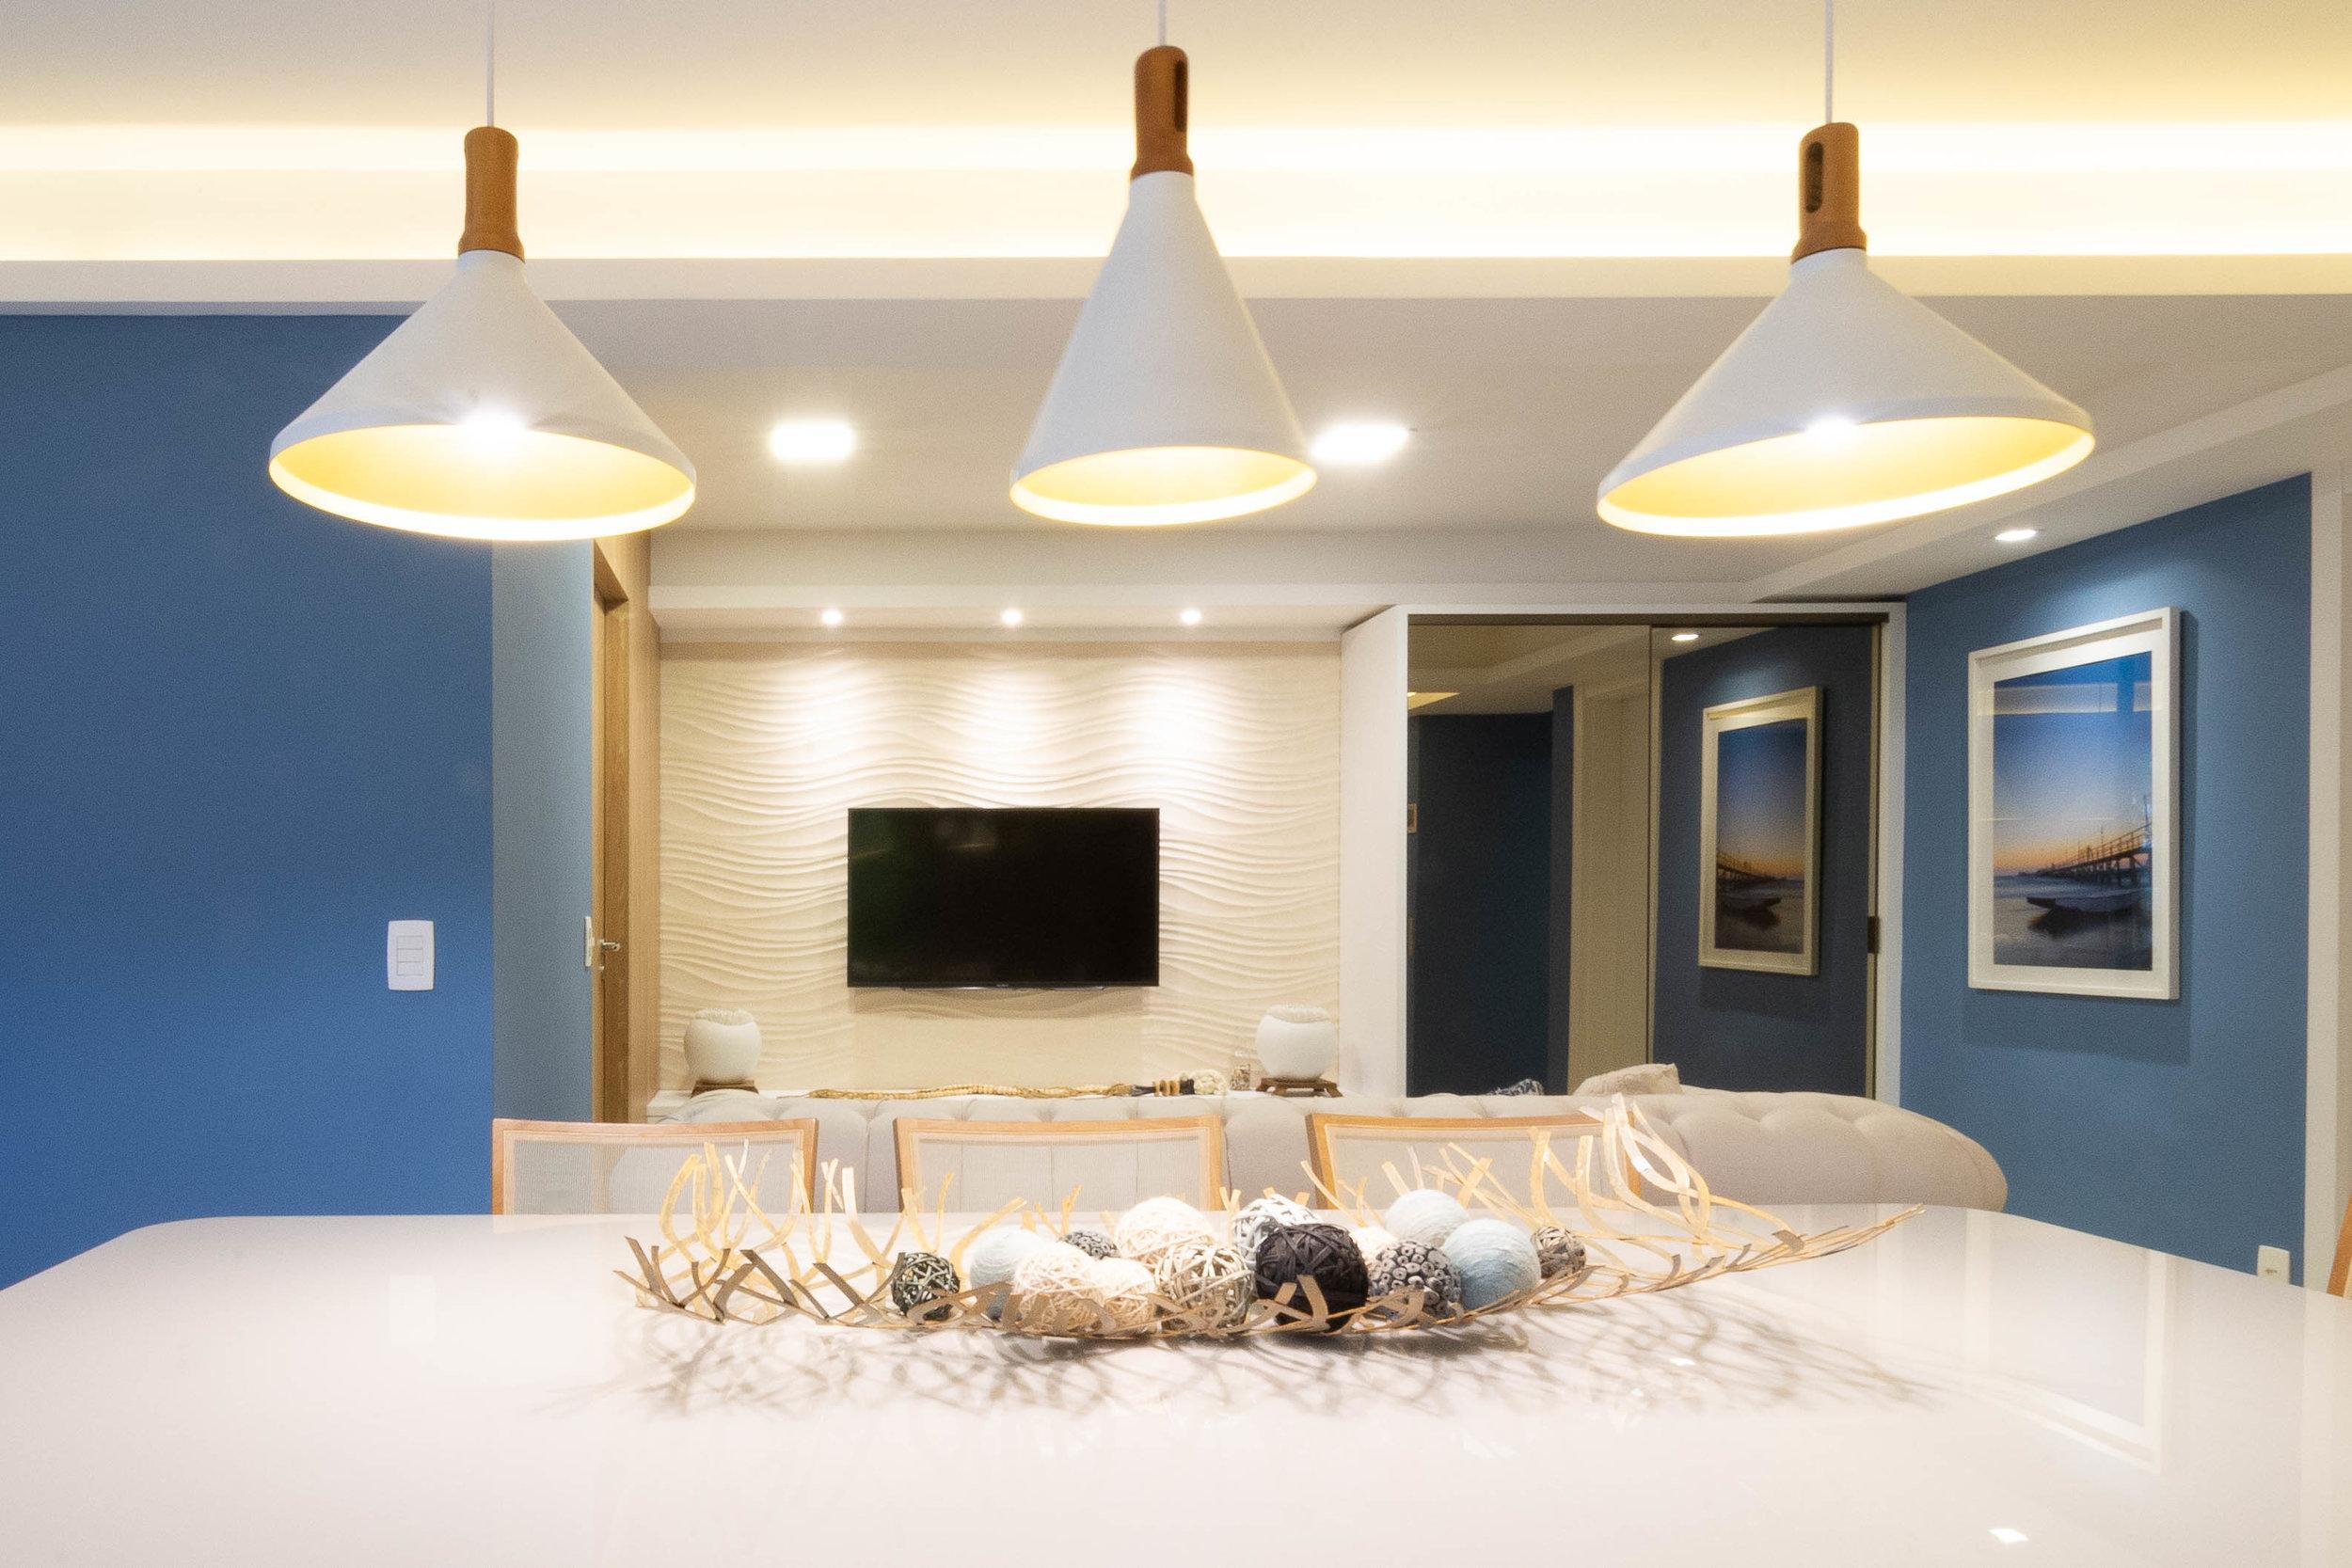 projeto-arquitetonico-luciananilton-duo-arquitetura-apartamentos-praia-017.jpg